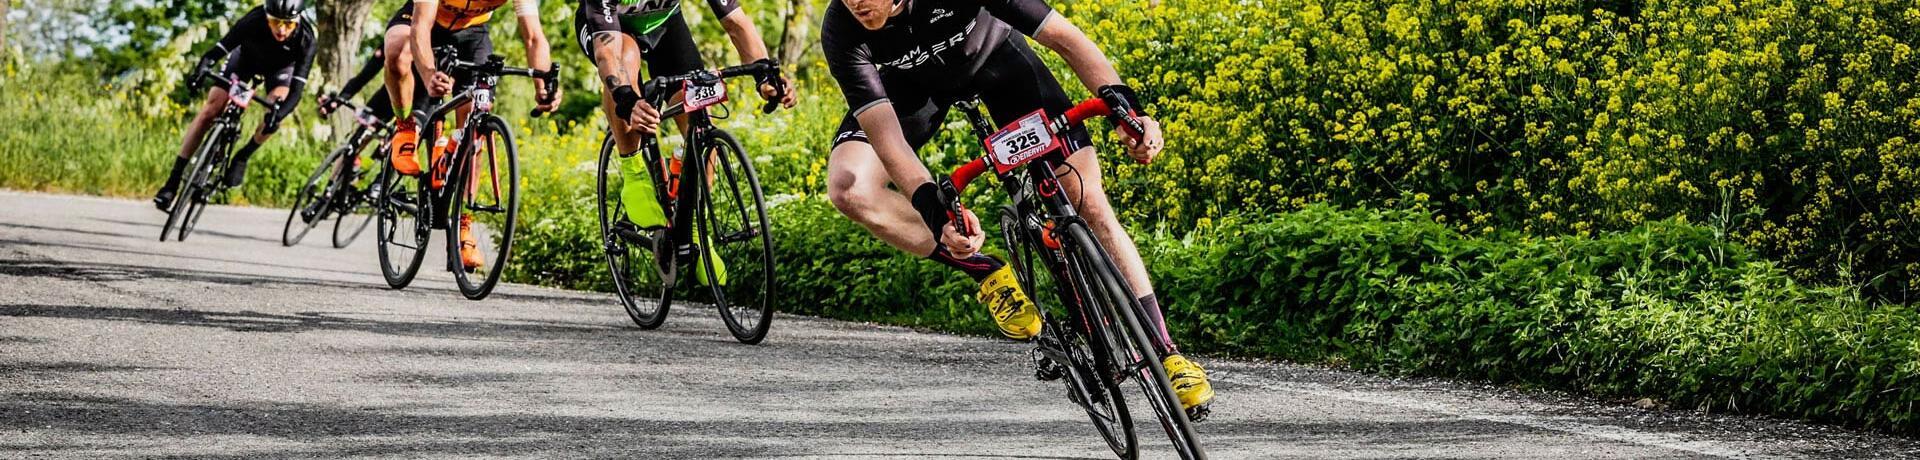 granfondoviadelsale it partecipa-con-l-e-bike 011